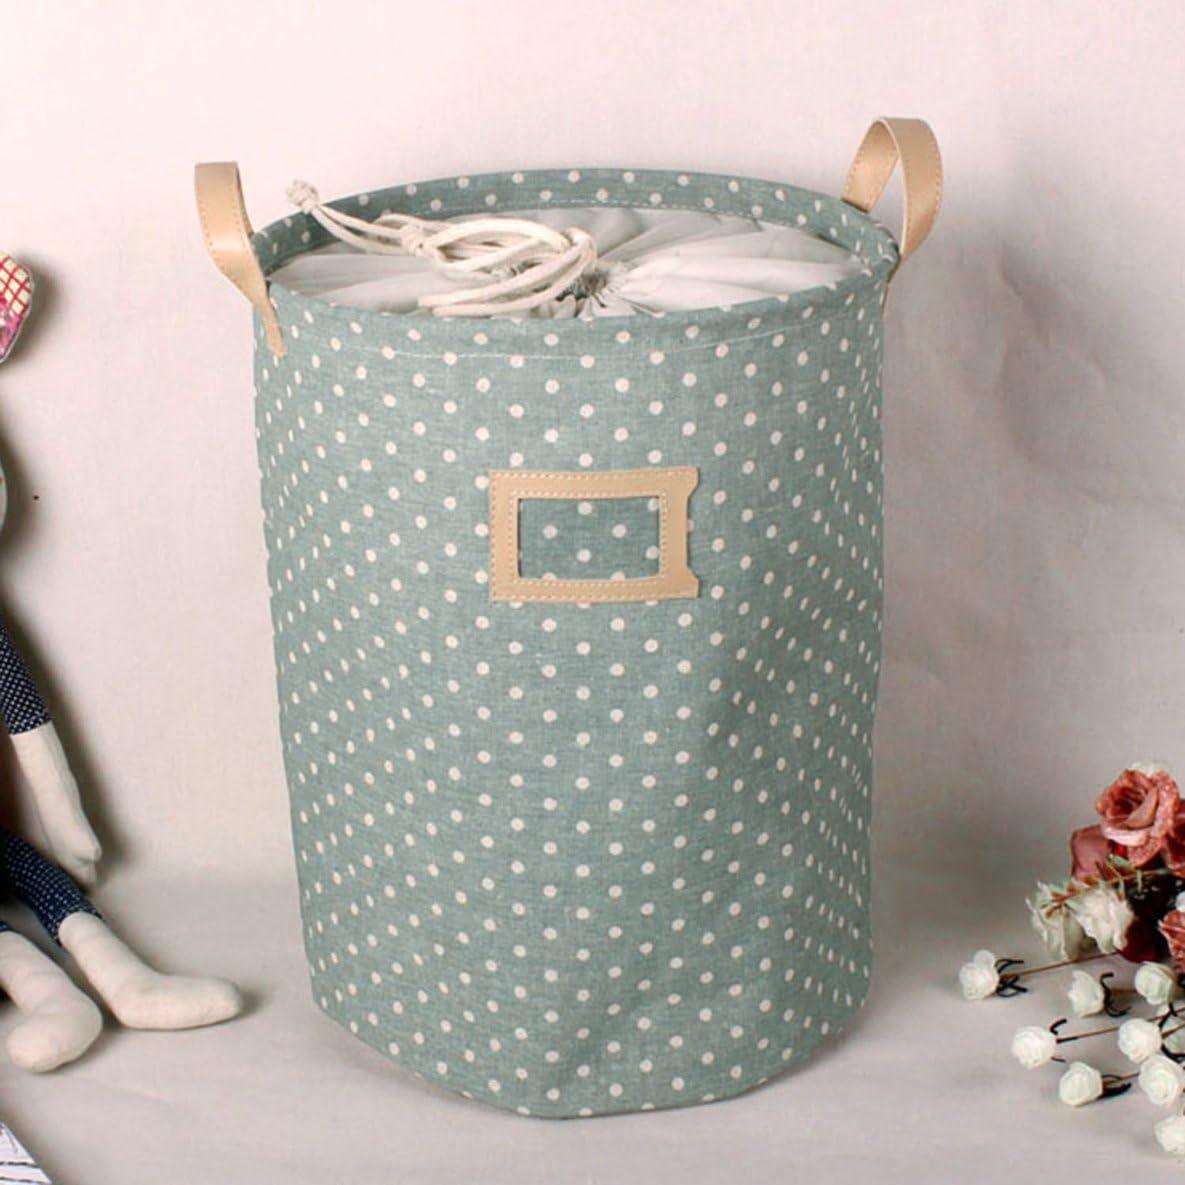 Impermeable Plegable Bolsa de lavandería Ropa Sucia Cesta Ropa de Cama Contenedor de Almacenamiento Colección de Juguetes Paño de algodón doblado Grande - Verde: Amazon.es: Hogar